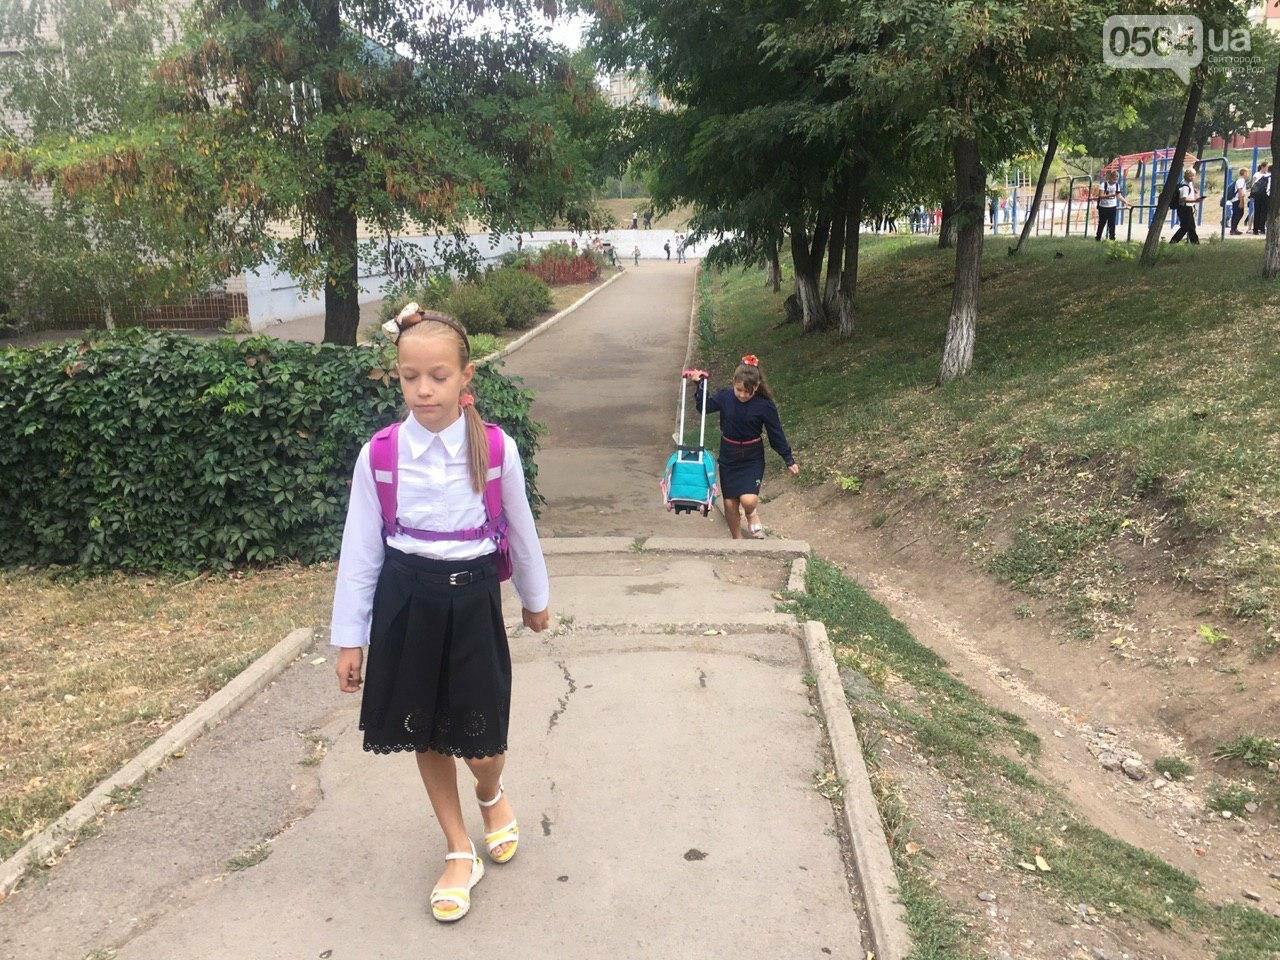 В одной из школ Кривого Рога из-за распыления неизвестного вещества срочно эвакуировали детей, - ФОТО, фото-17